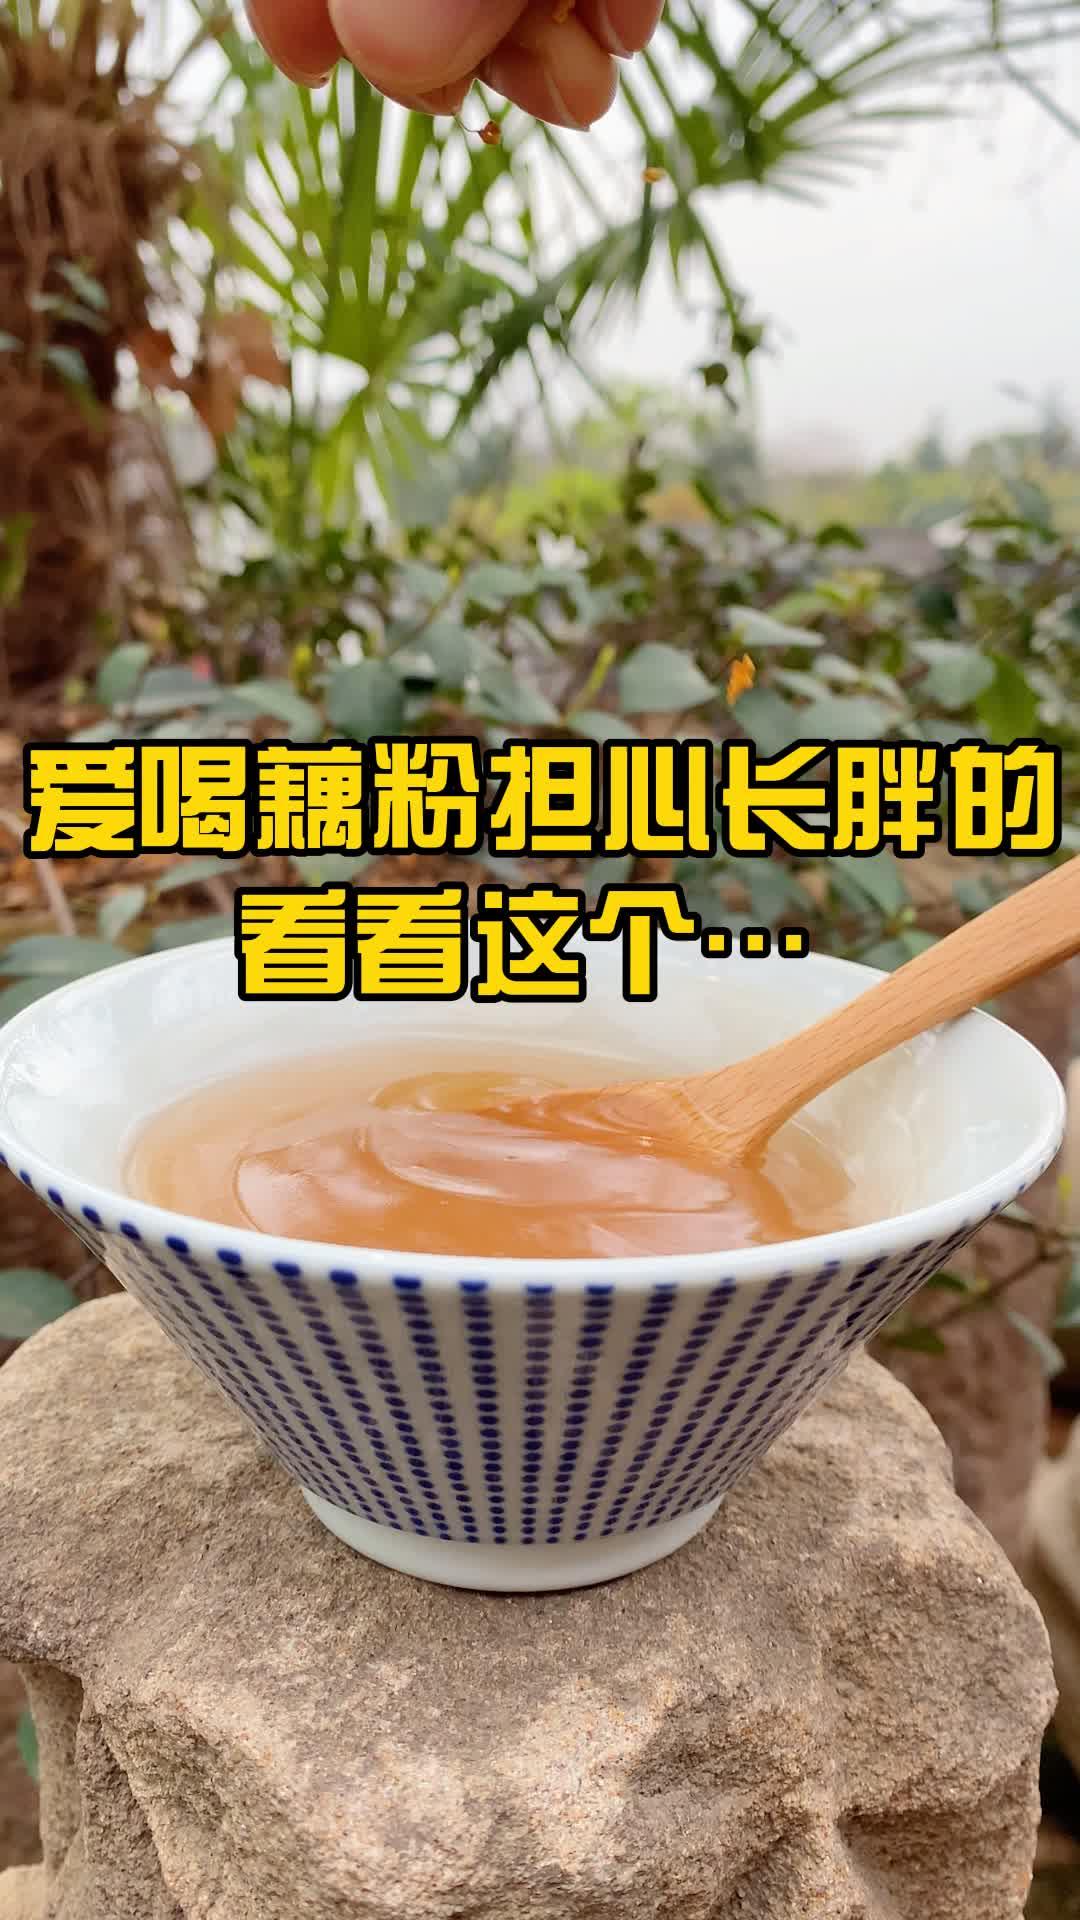 妈妈很忙手工美食: 一碗25克藕粉热量差不多87大卡,还是没有啥负担的哦,女生吃藕粉好处多#零食补给站#美味推荐官@DOU+小助手